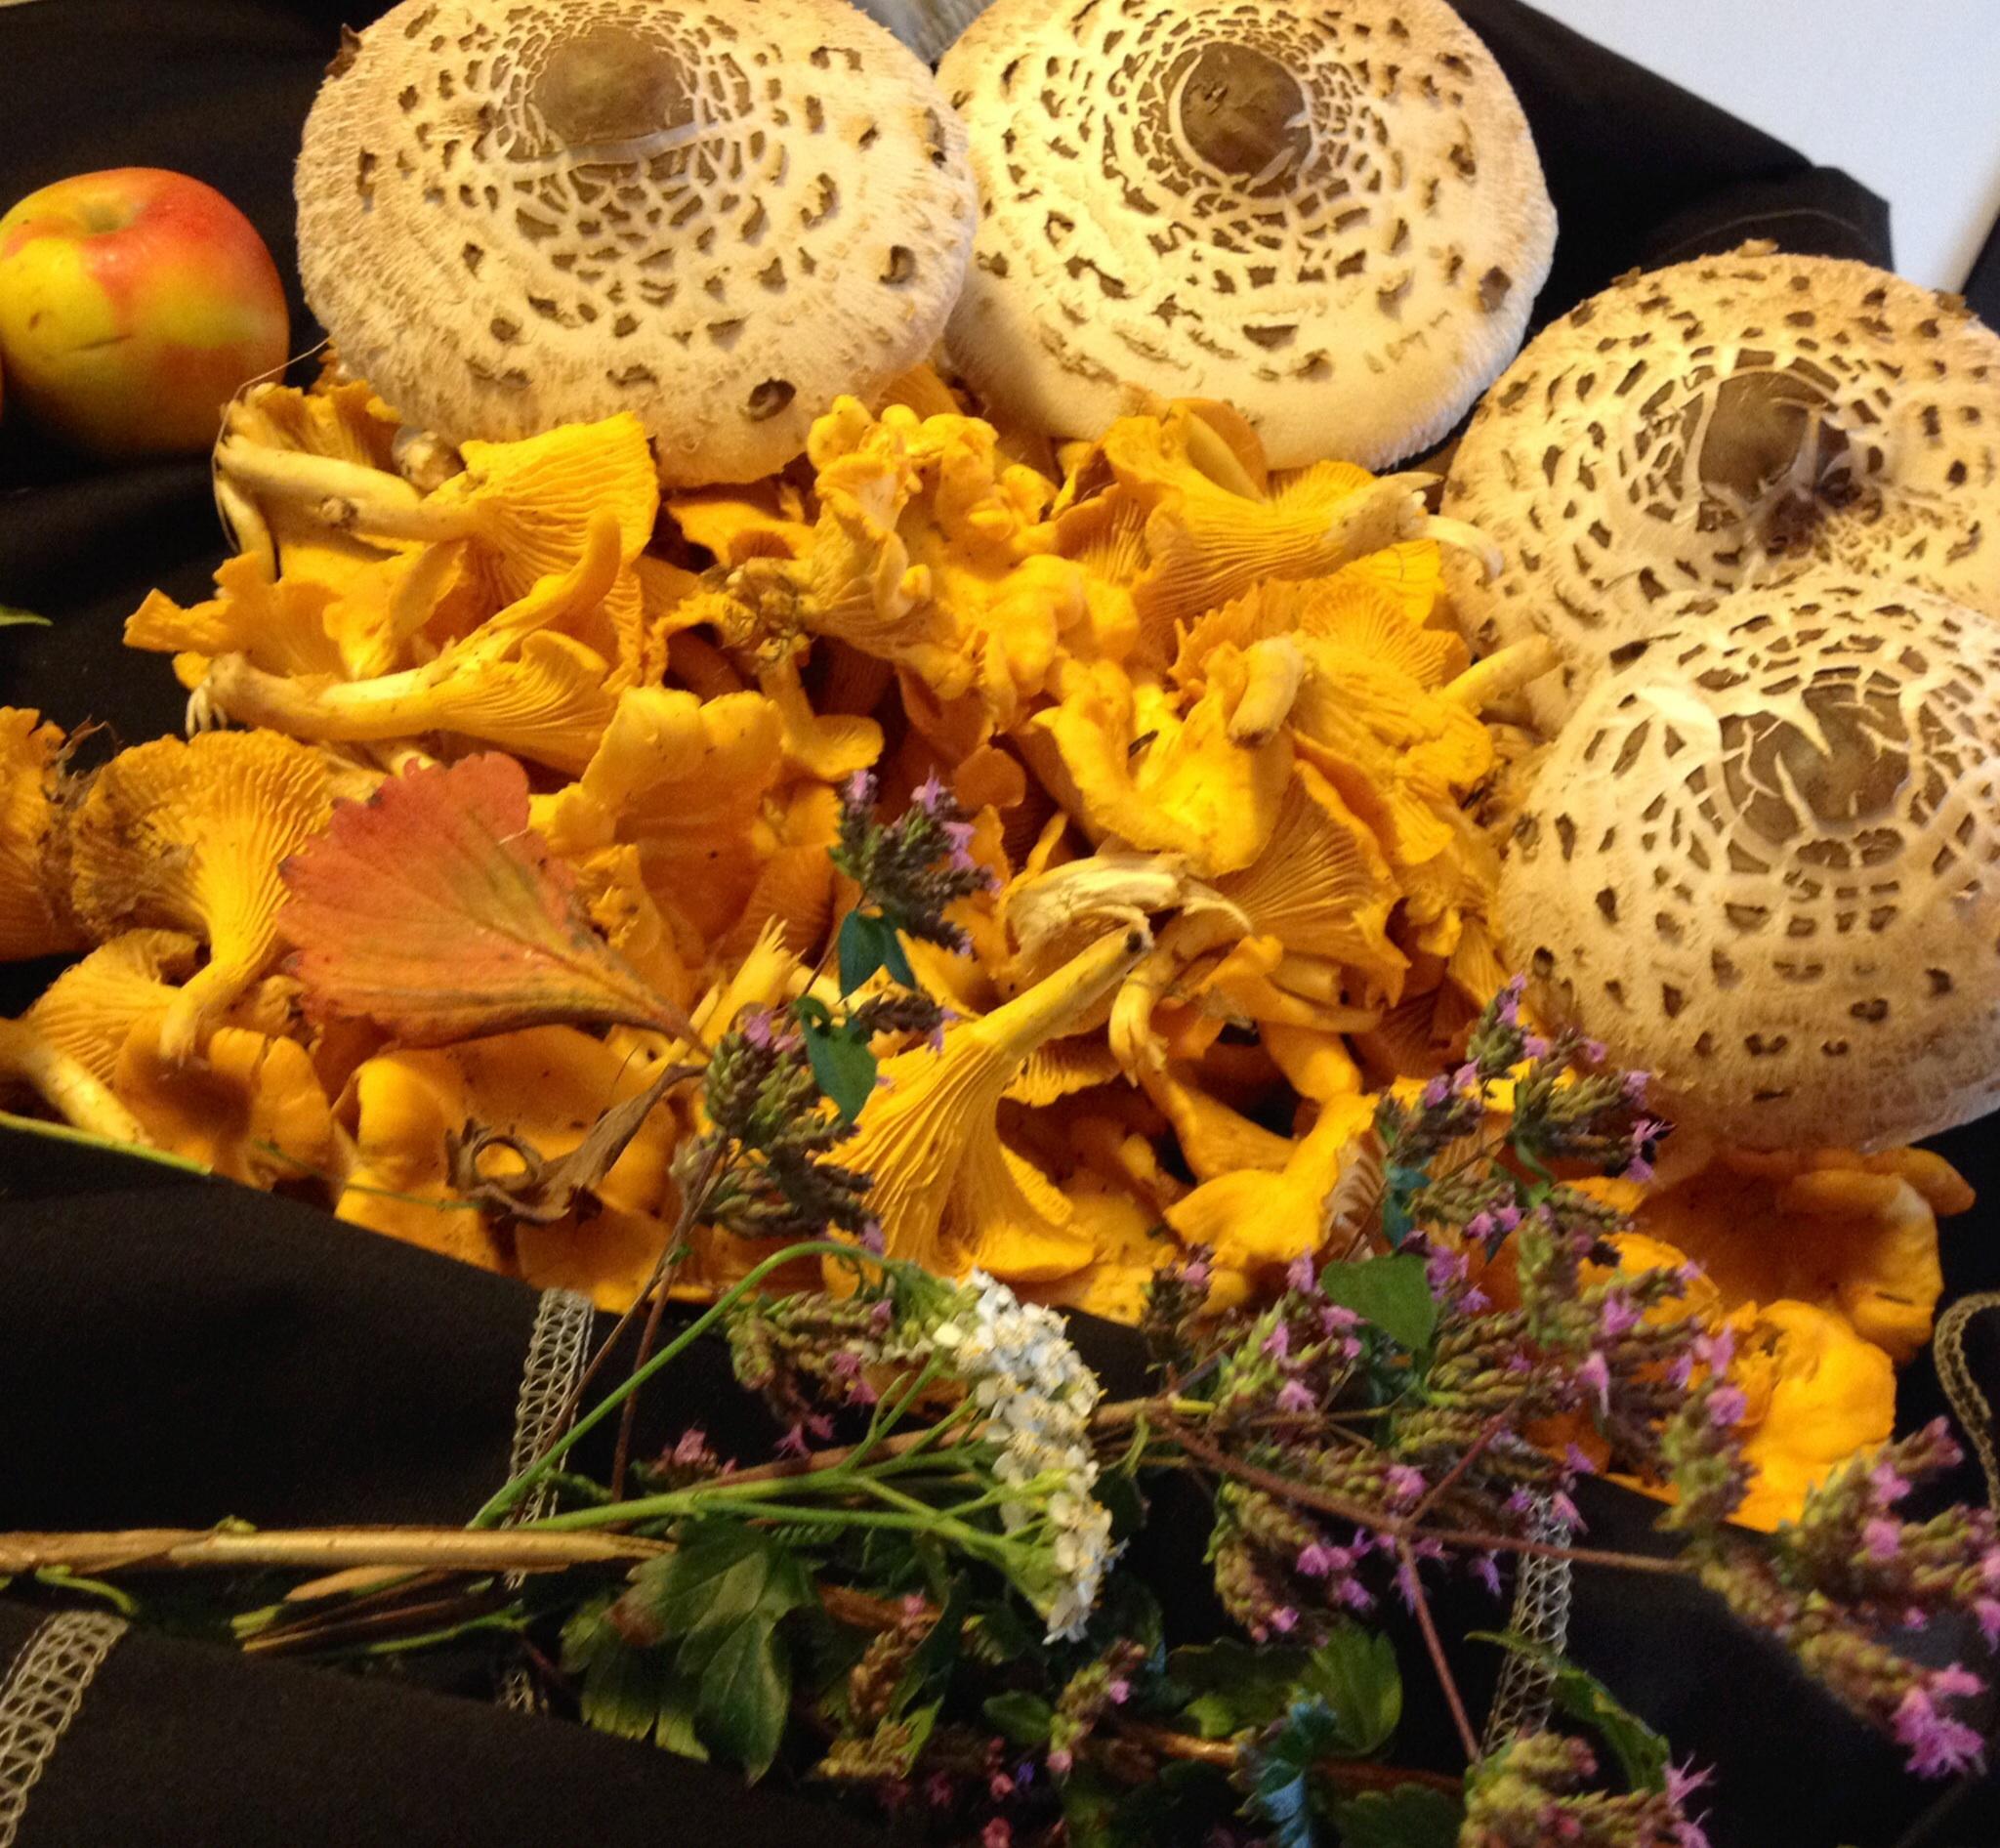 Ett höststillében med svampar som vi själva hittade och plockade!